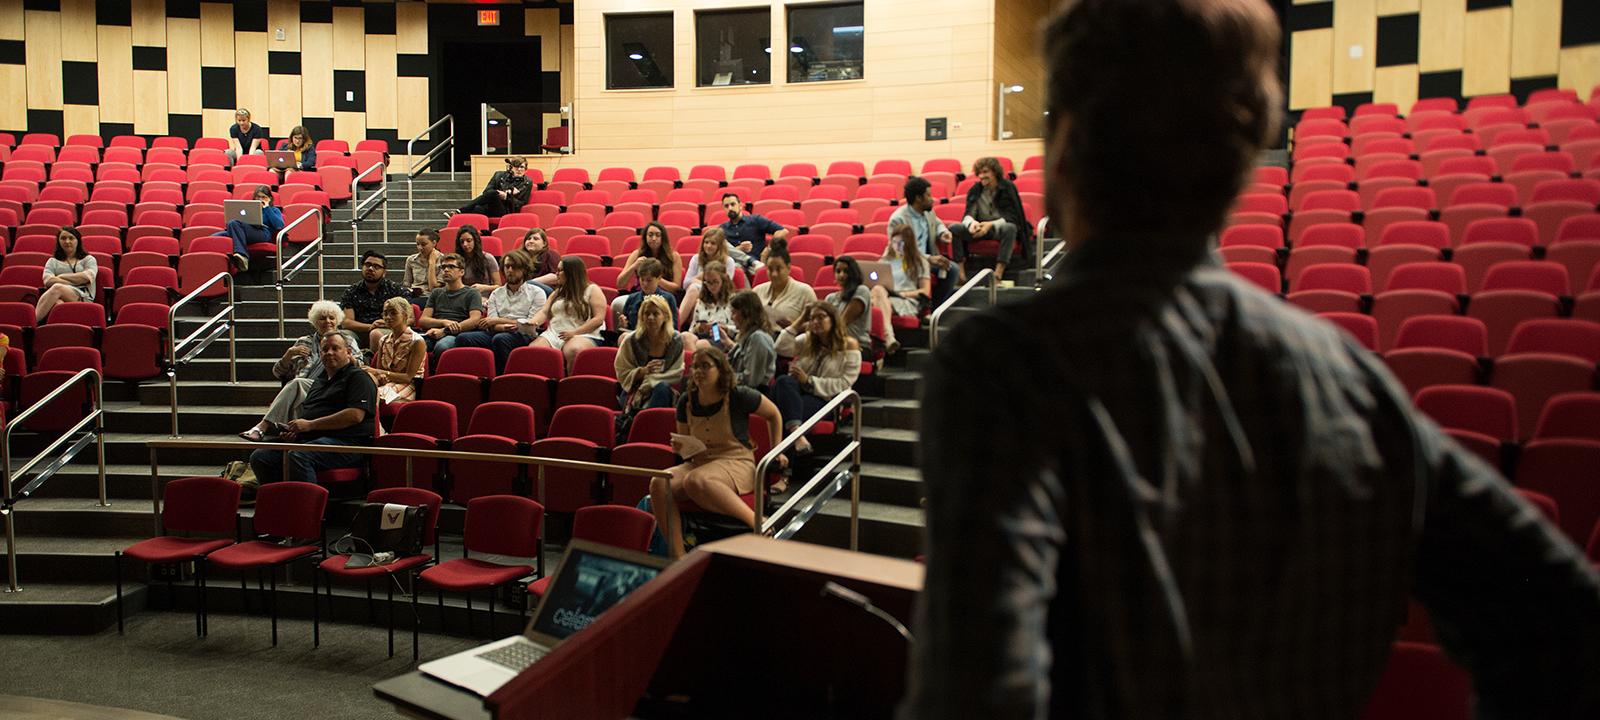 Nunemaker Auditorium, Stage